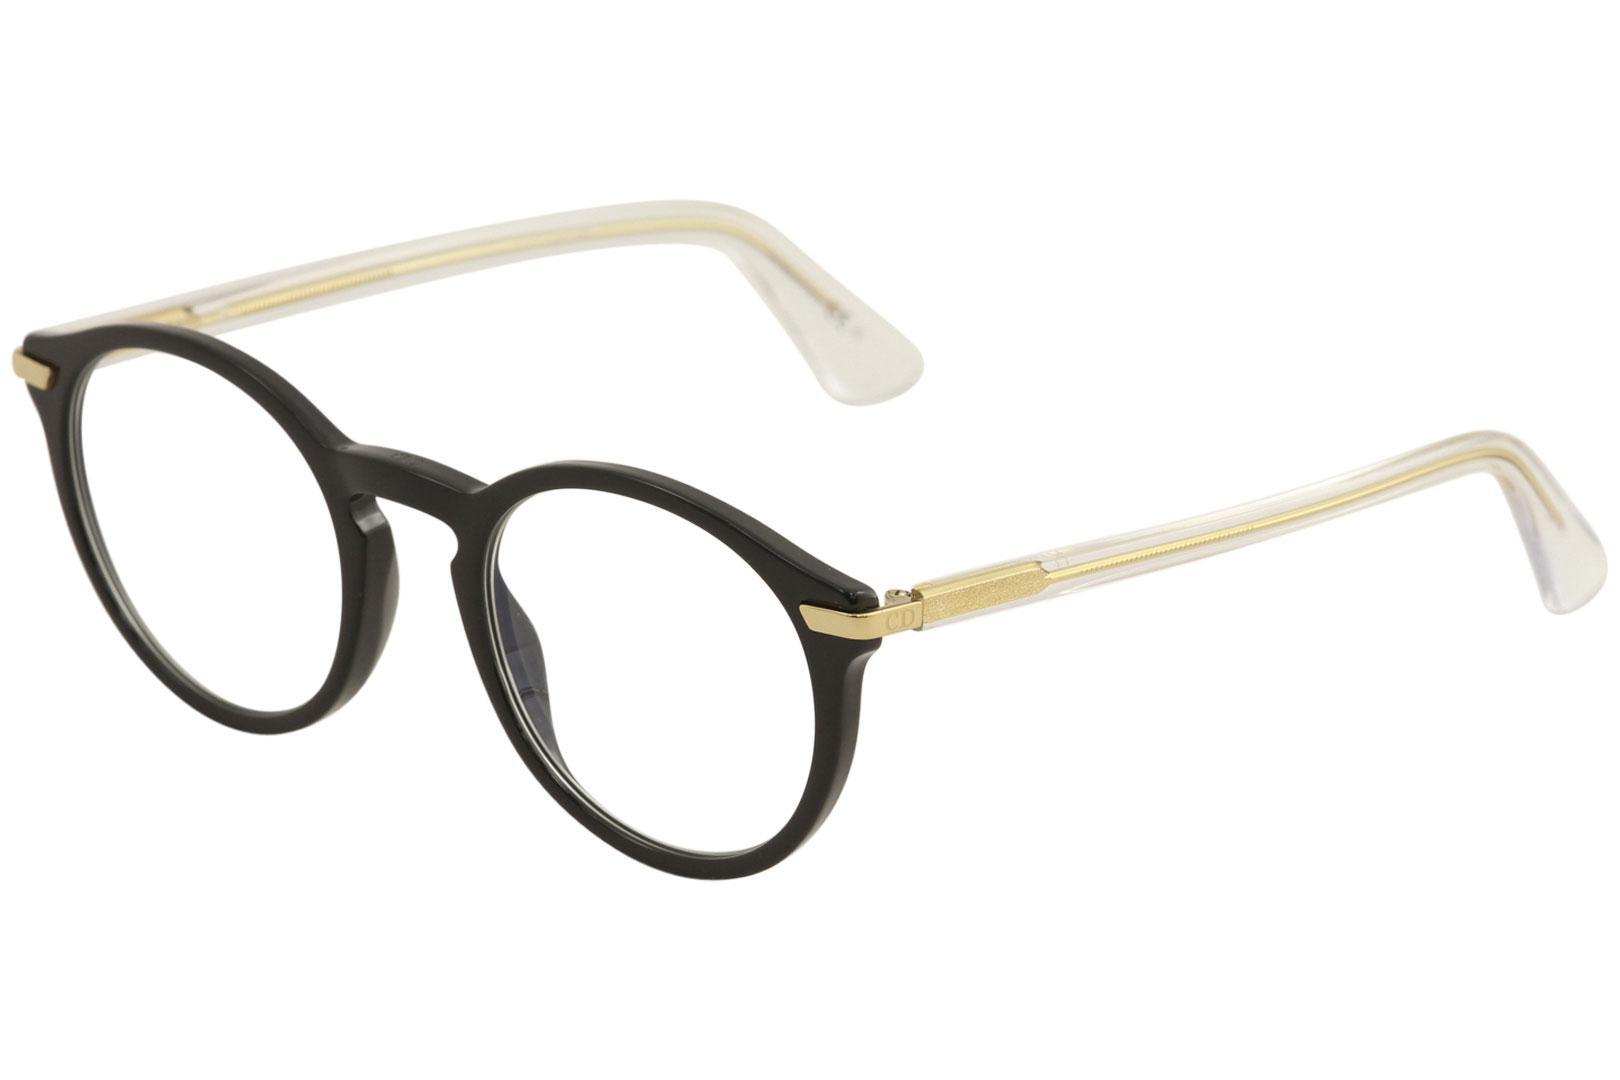 Image of Christian Dior Eyeglasses Women's CD3726 CD/3726 Full Rim Optical Frame - Black/Gold/Crystal   7CS - Lens 49 Bridge 22 Temple 145mm